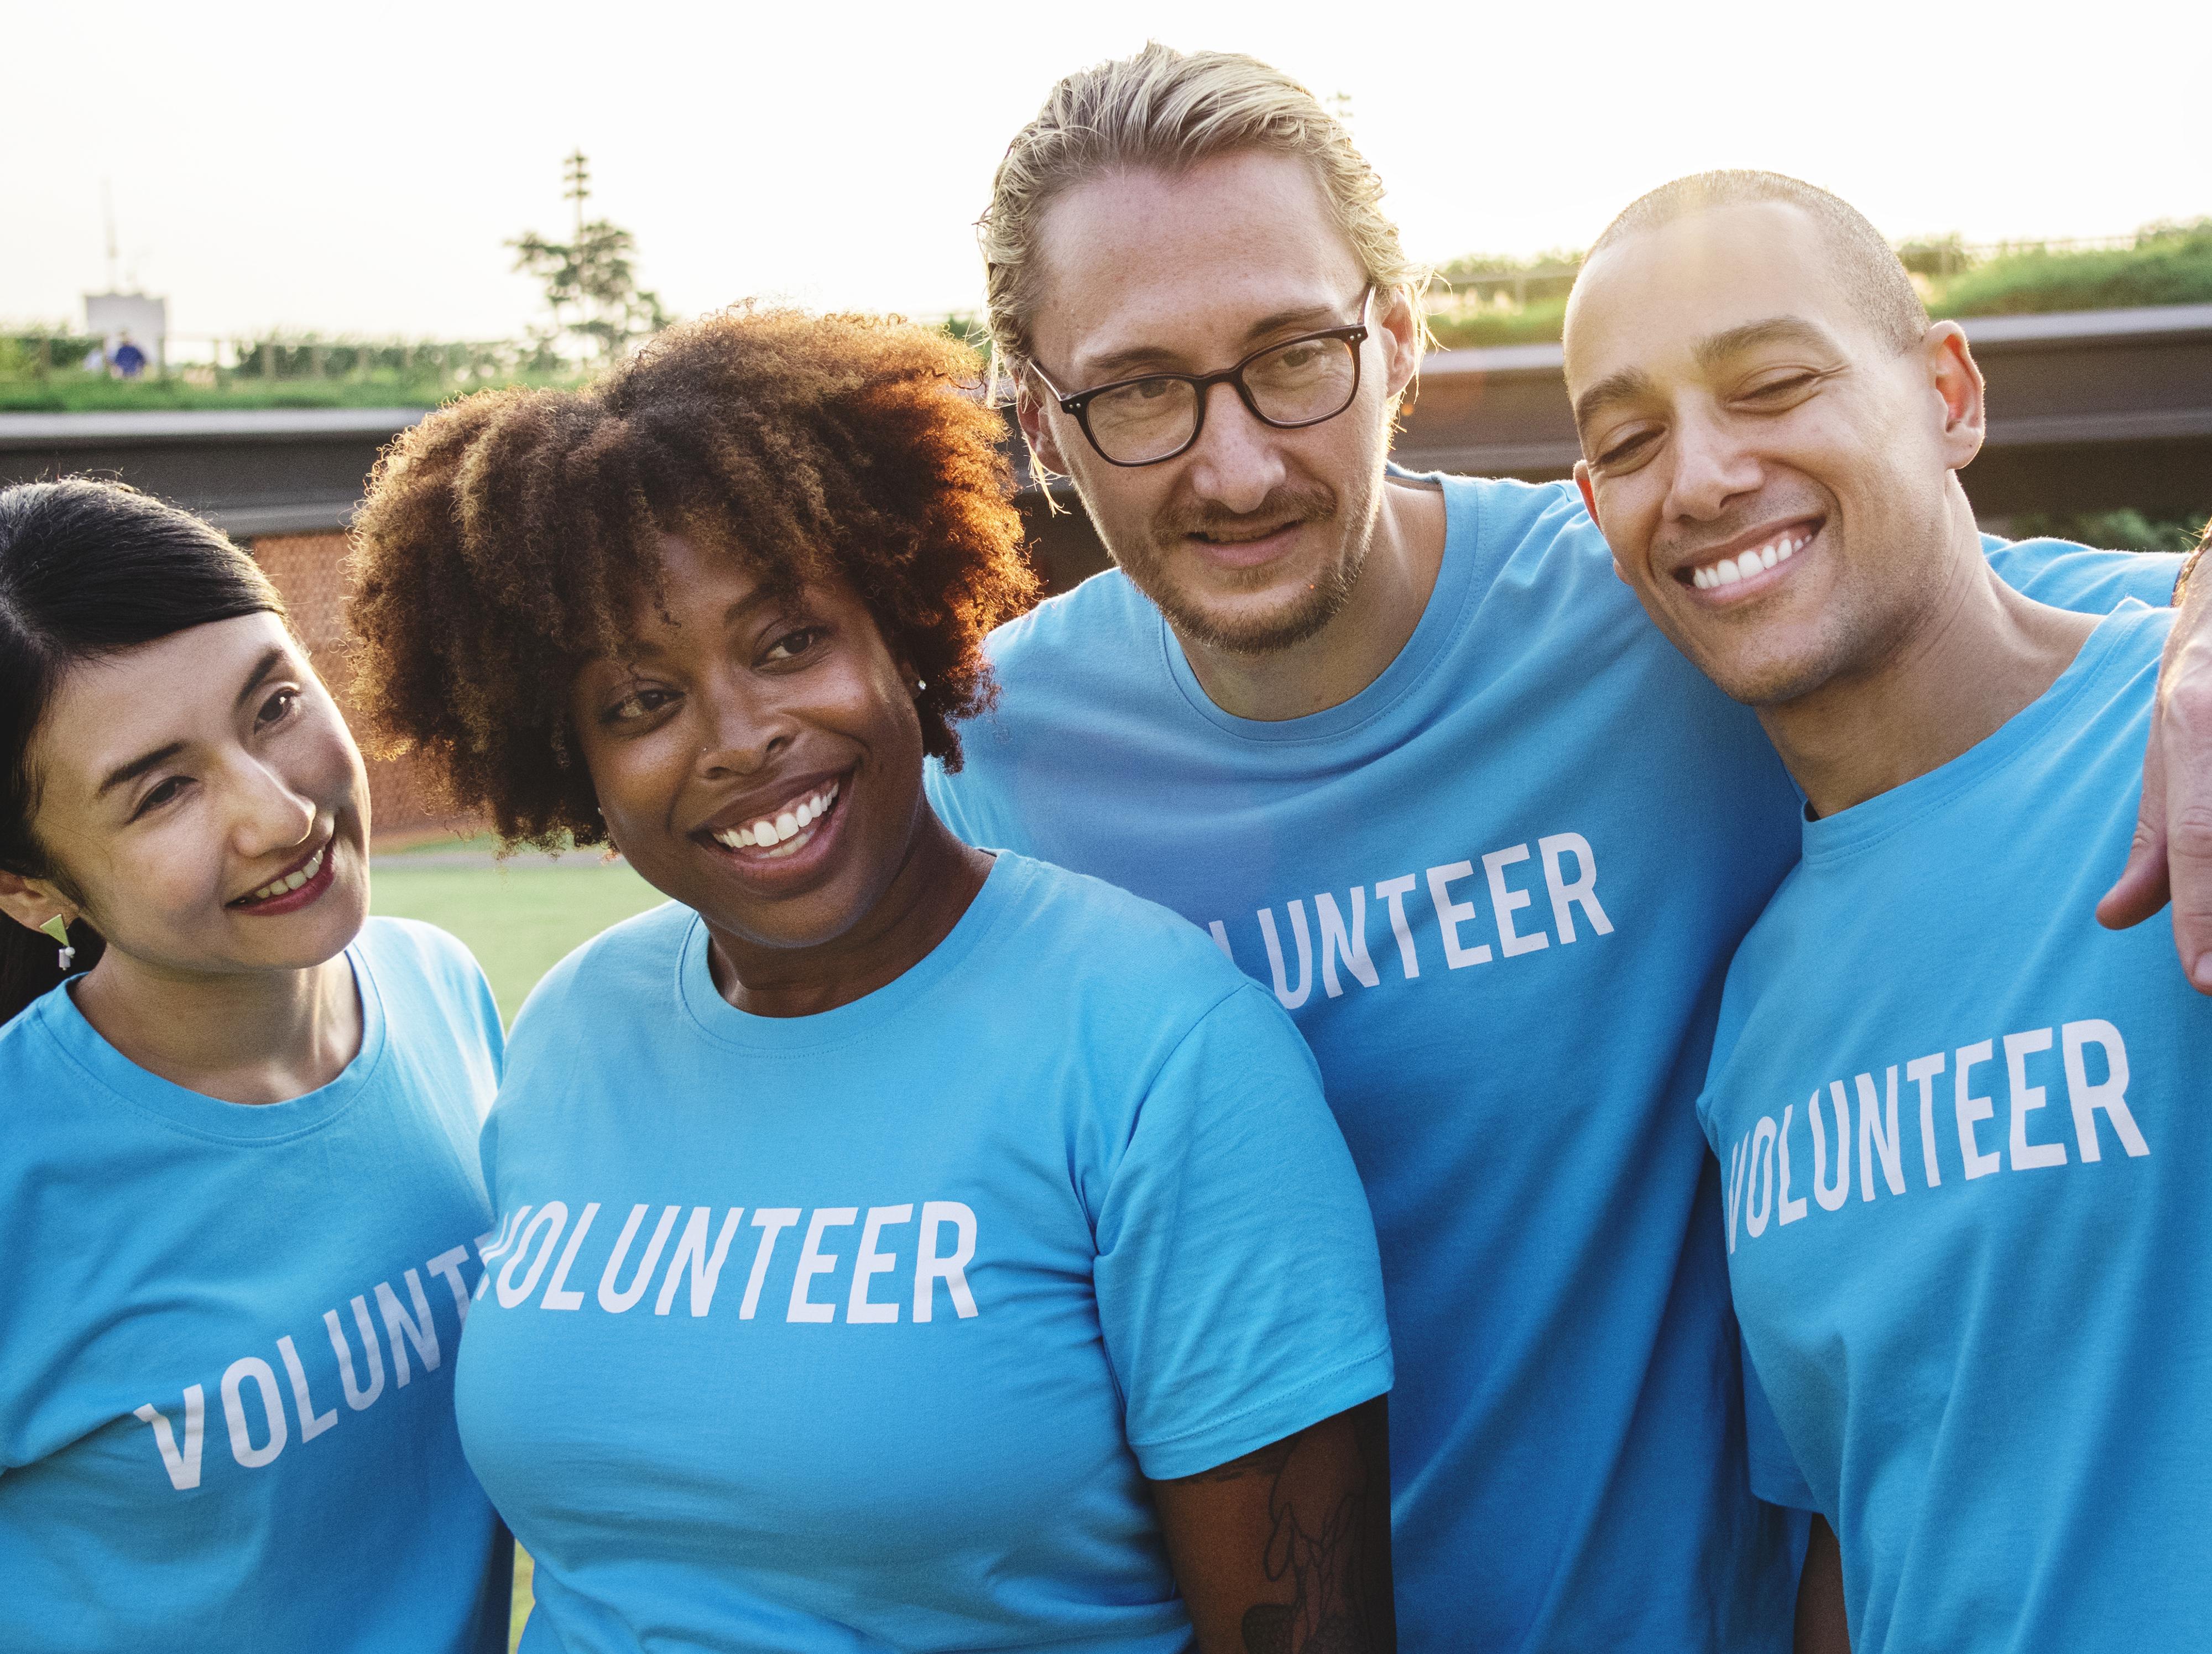 Voluntteers